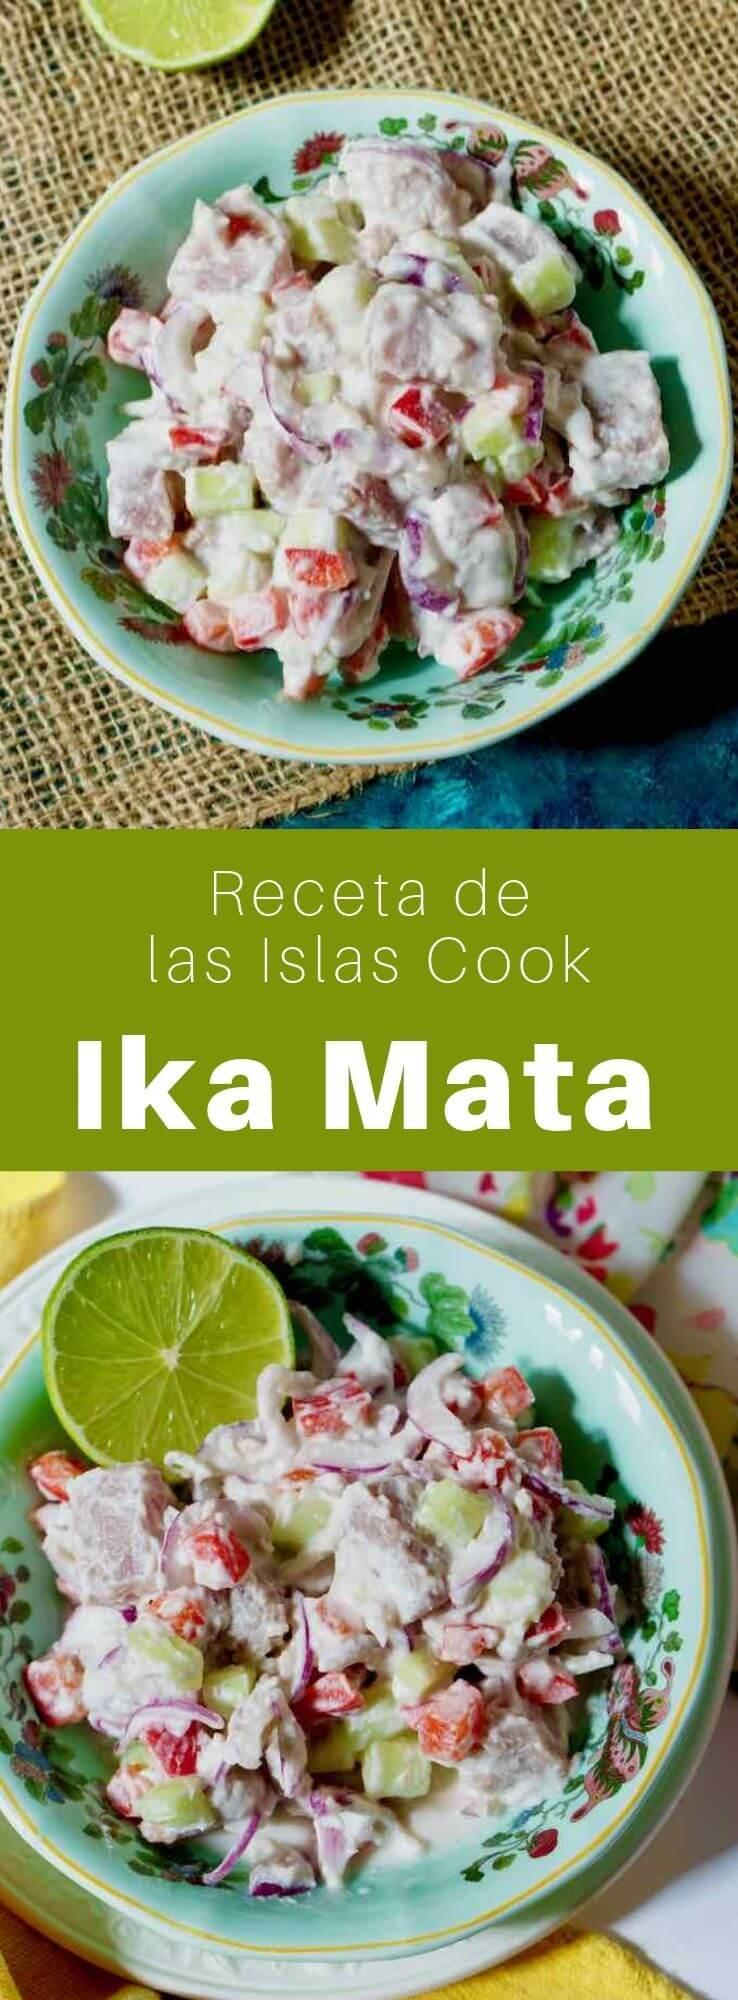 El ika mata es un famoso plato tradicional de las Islas Cook, hecho con pescado crudo marinado en lima y leche de coco.